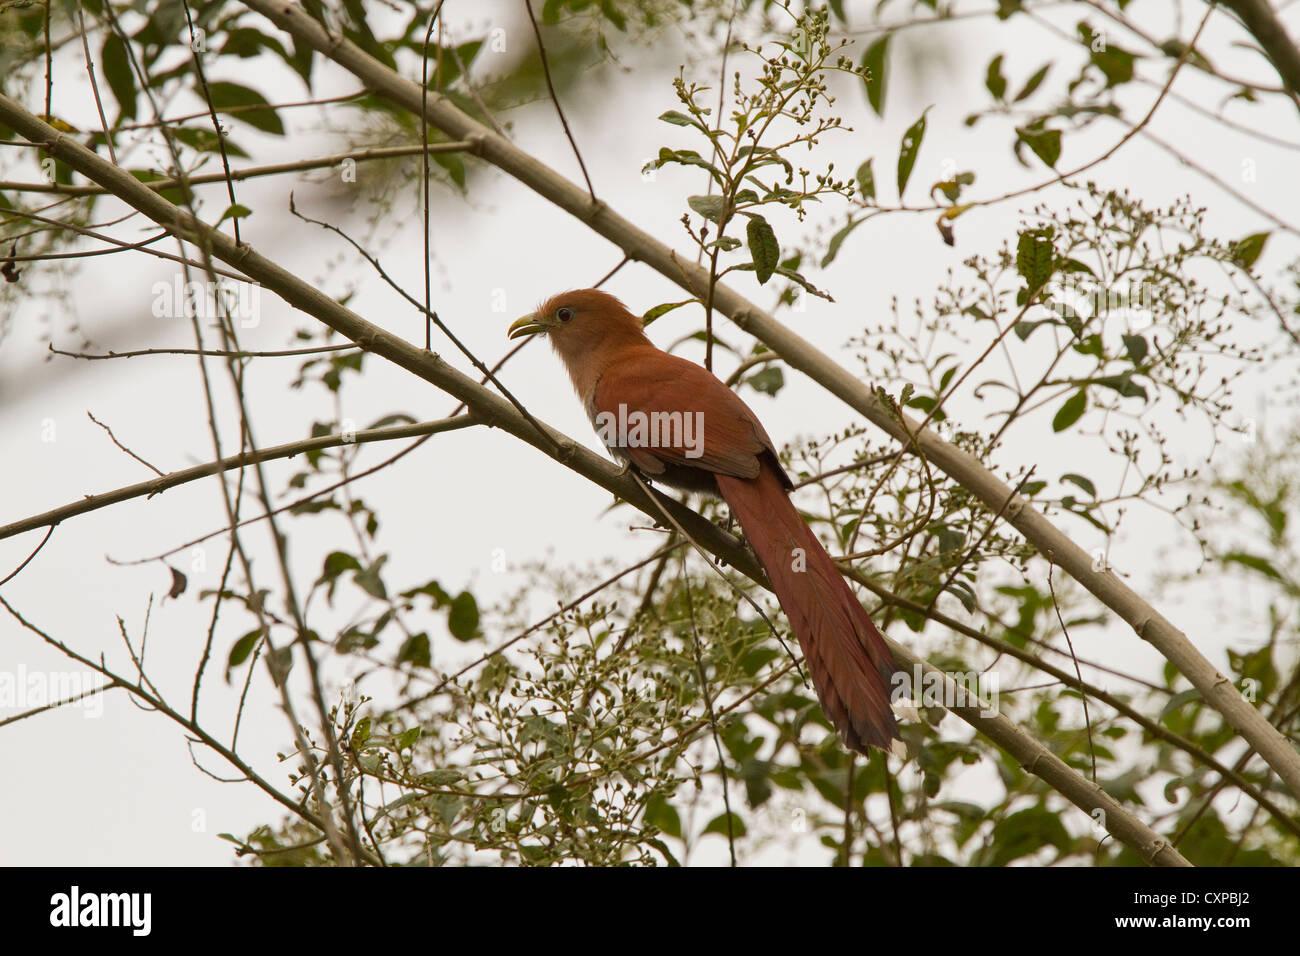 Eichhörnchen Kuckuck (Piaya Cayana) thront auf Zweig, karibische Ausläufern, Costa Rica, Zentralamerika. Stockbild